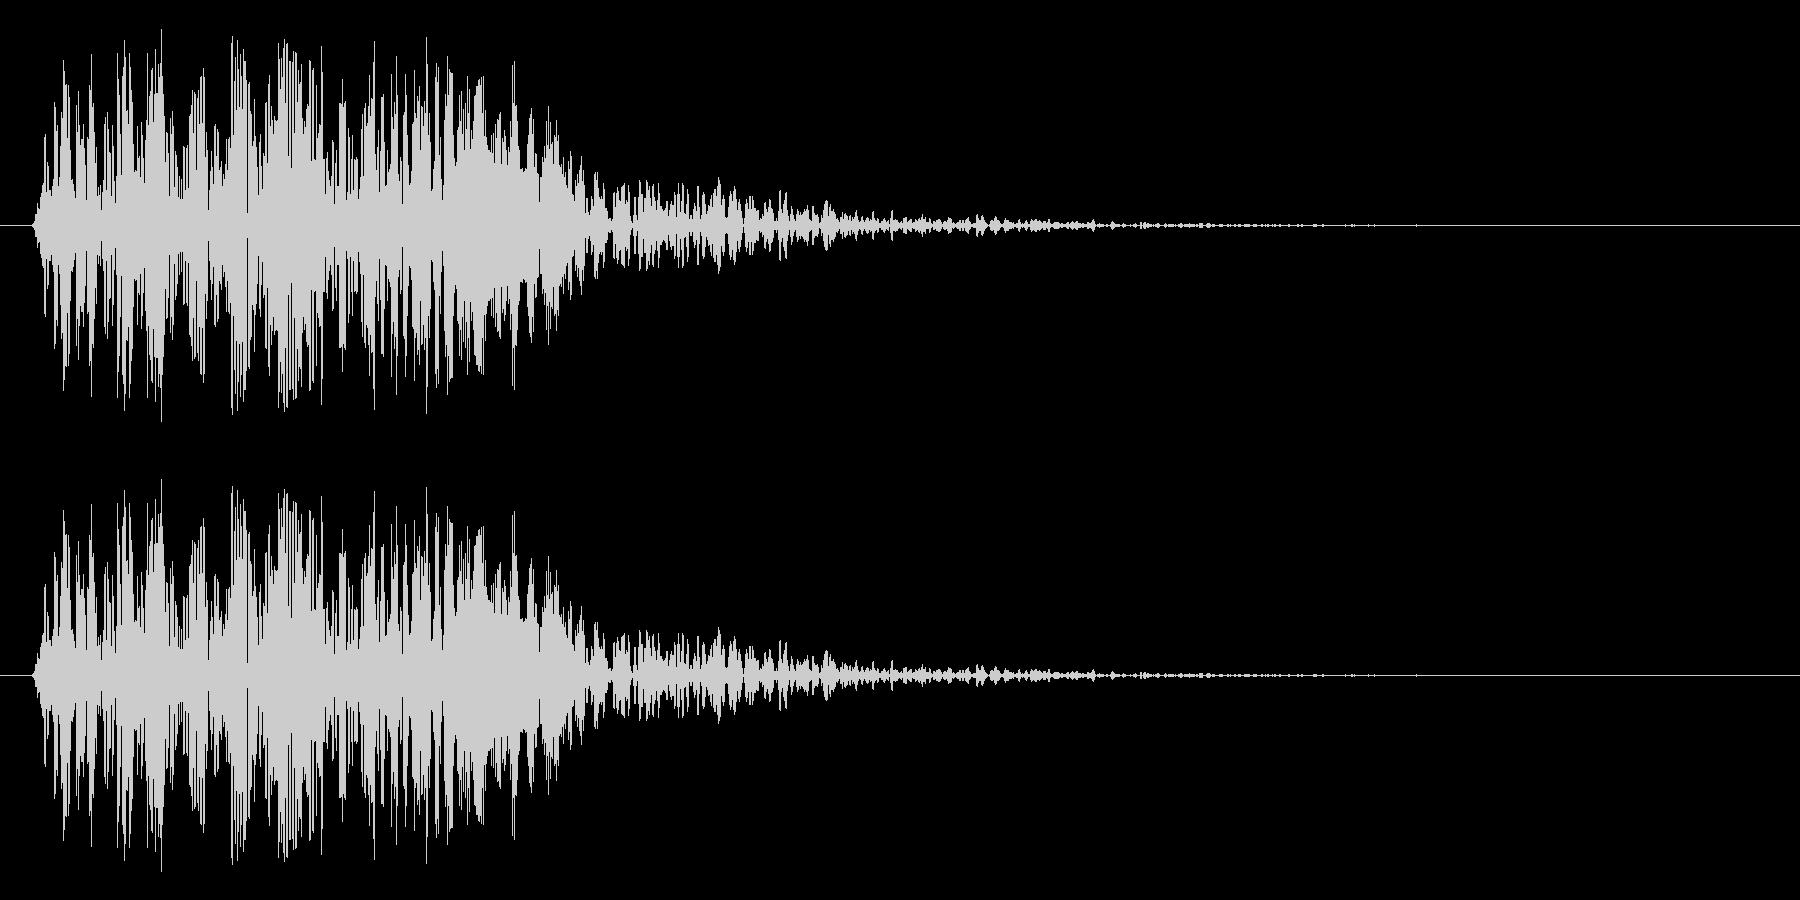 ワウッ(犬が強く吠えるシーン)の未再生の波形